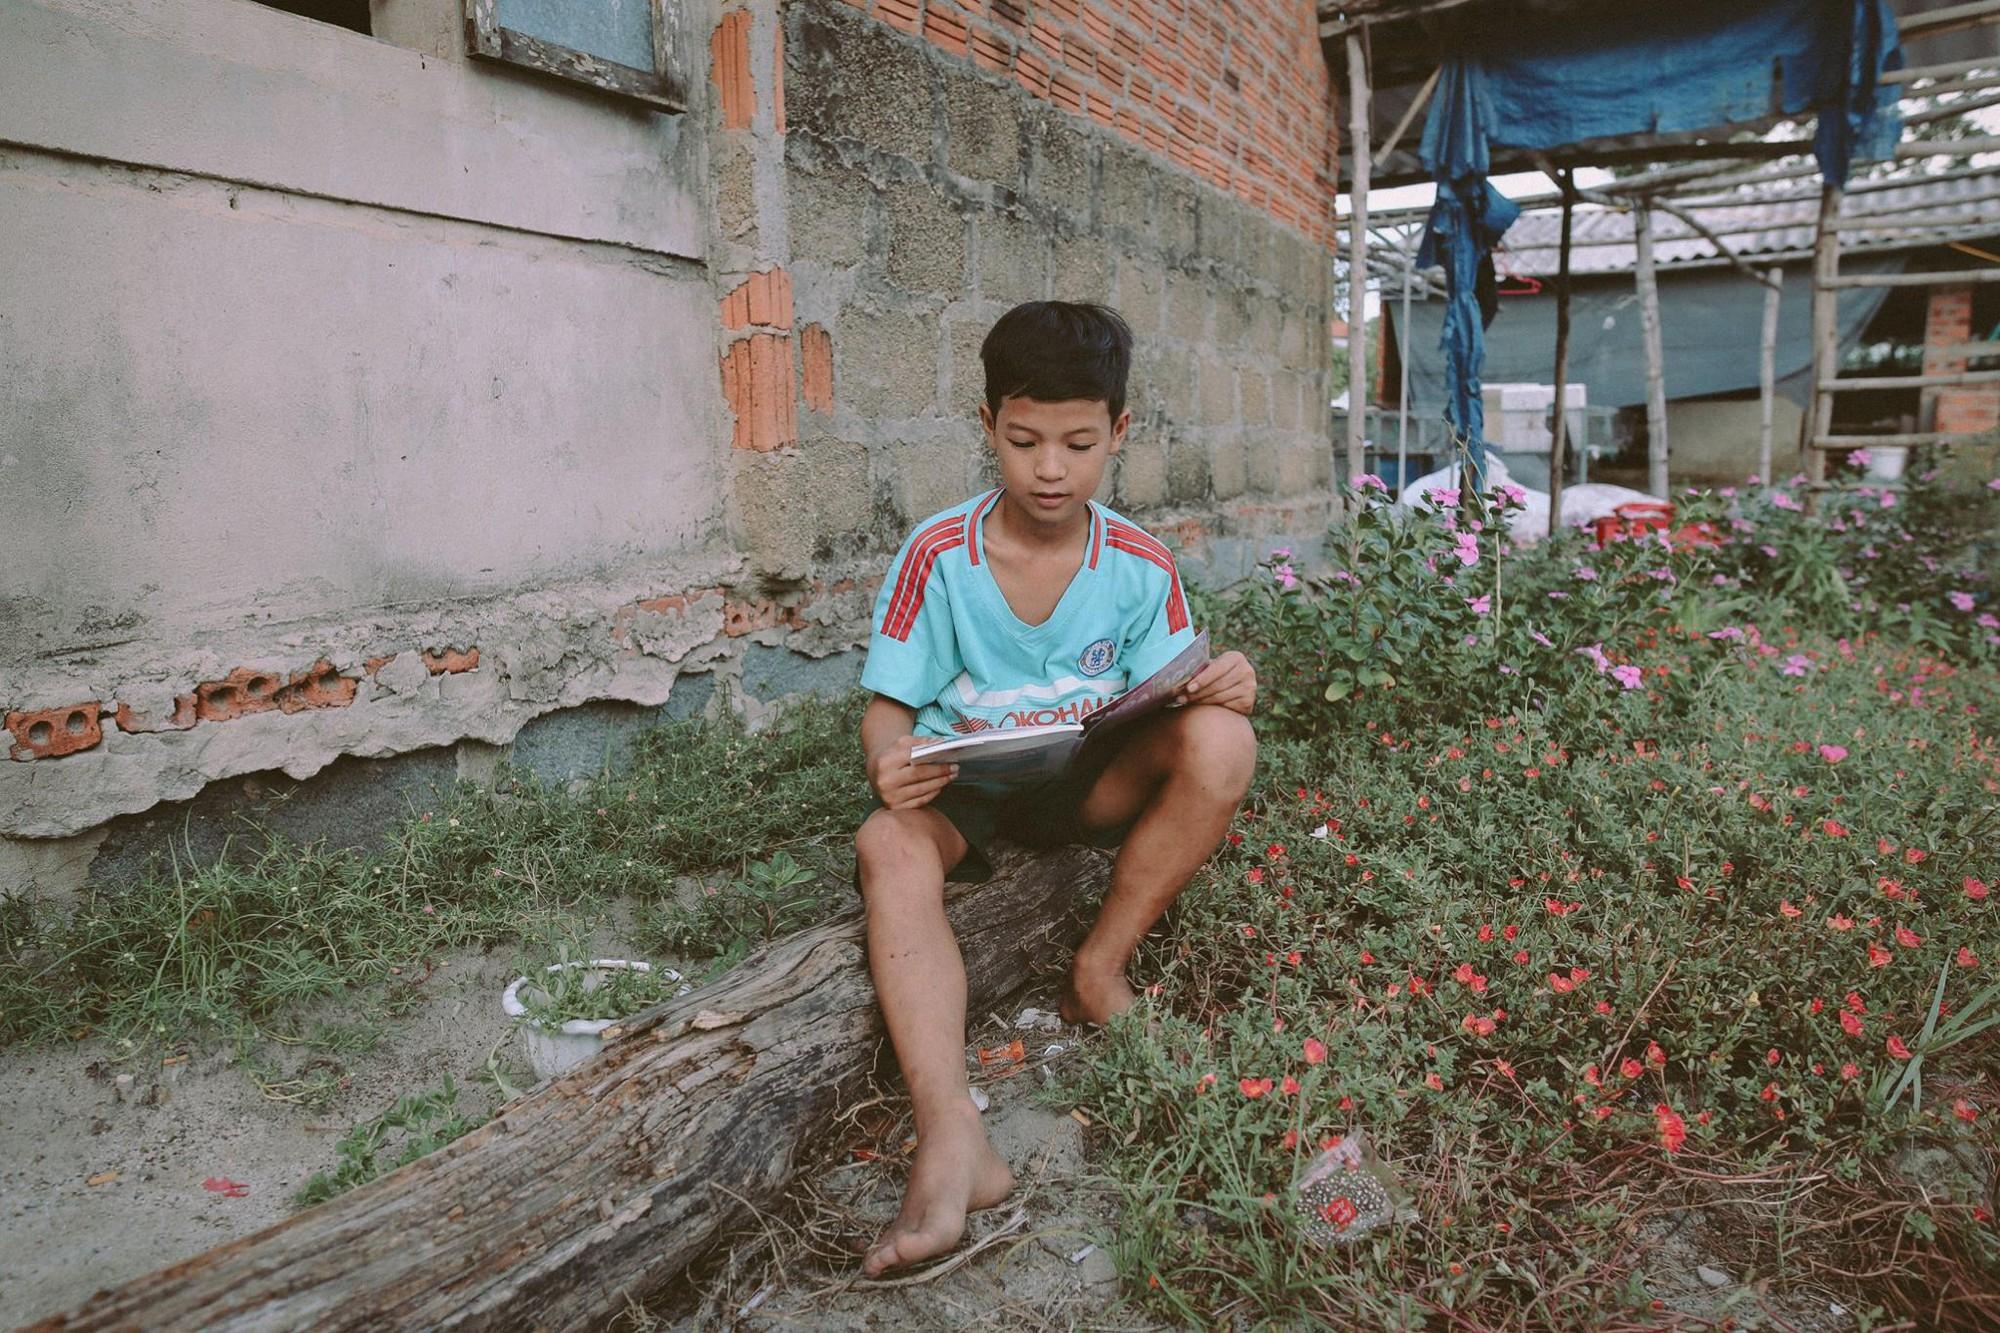 Bộ ảnh xúc động về cậu bé mồ côi ở Quảng Nam tự lập từ năm 12 tuổi, nuôi lợn để được đến trường - Ảnh 16.